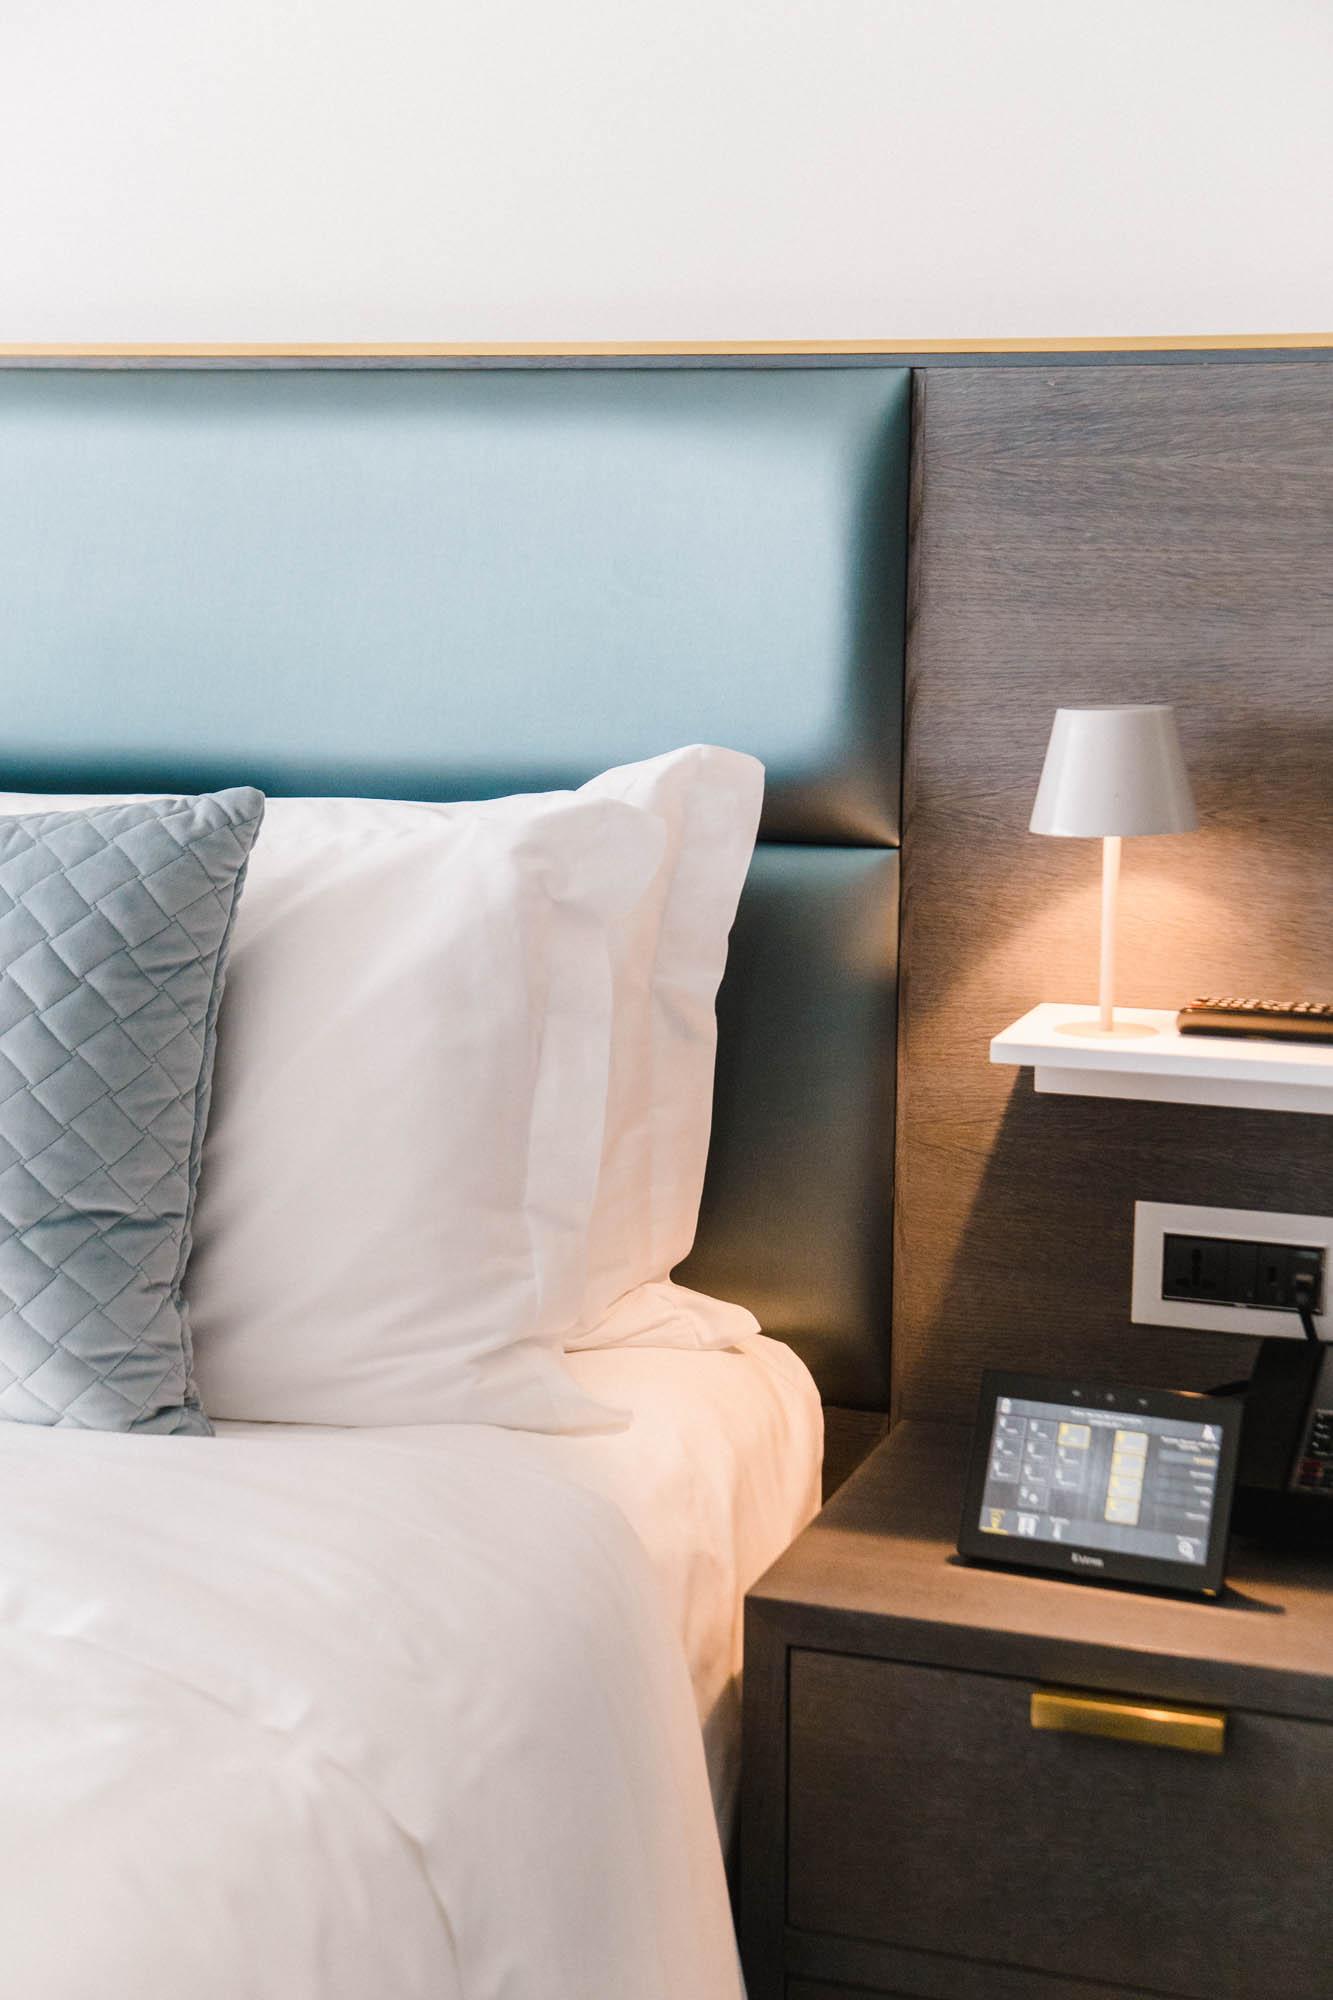 энергосберегающие технологии для гостиницы